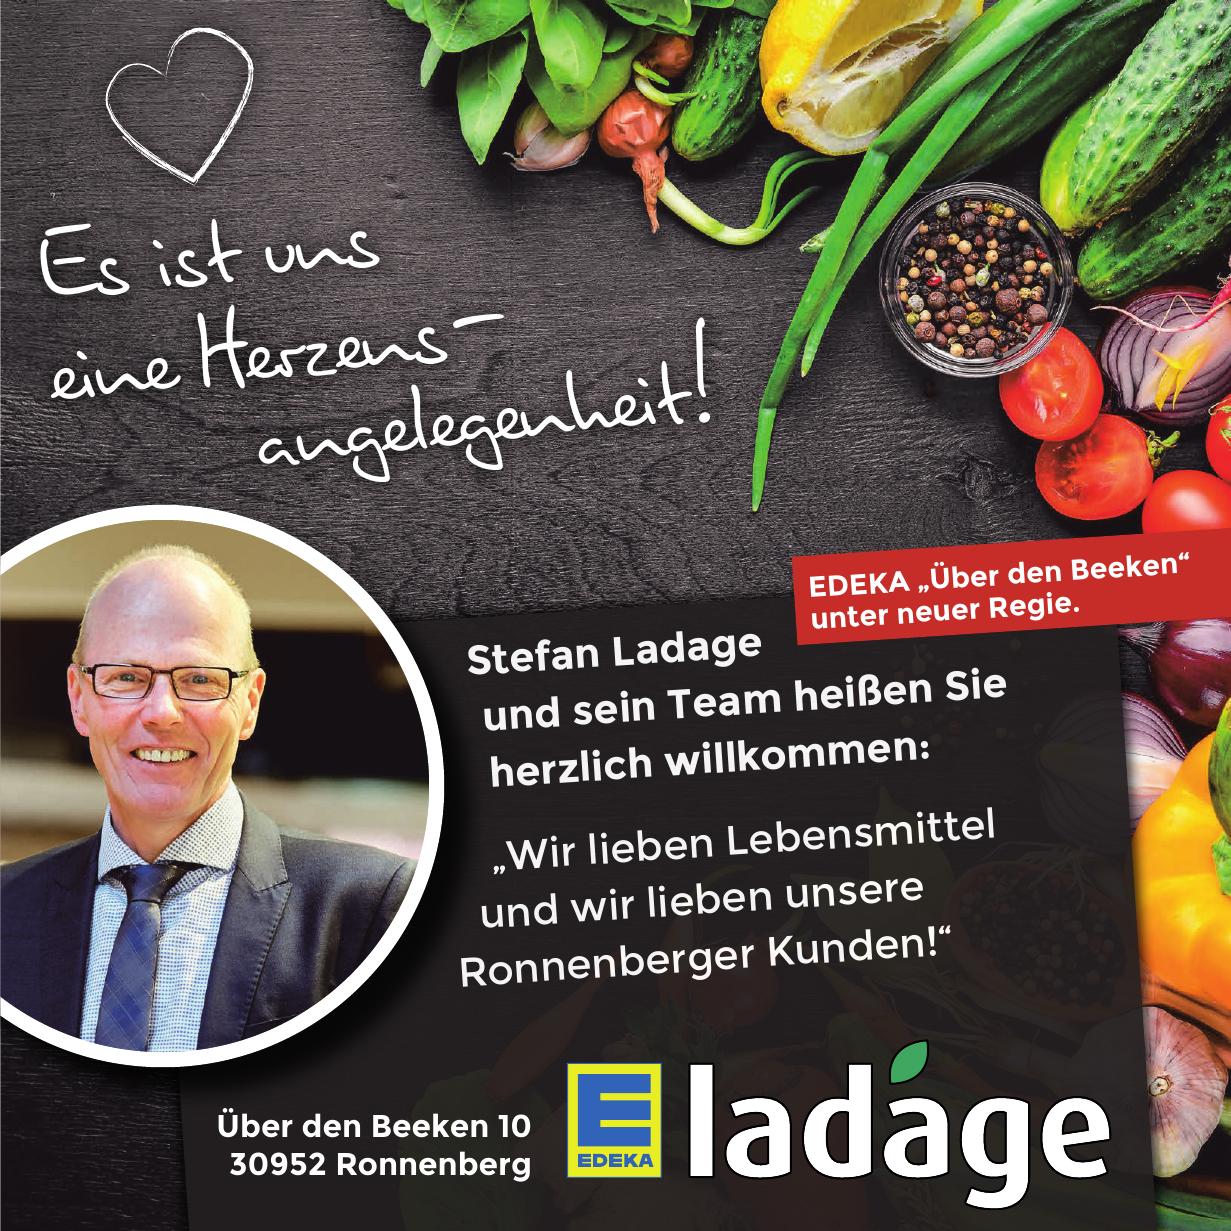 Edeka Ladage